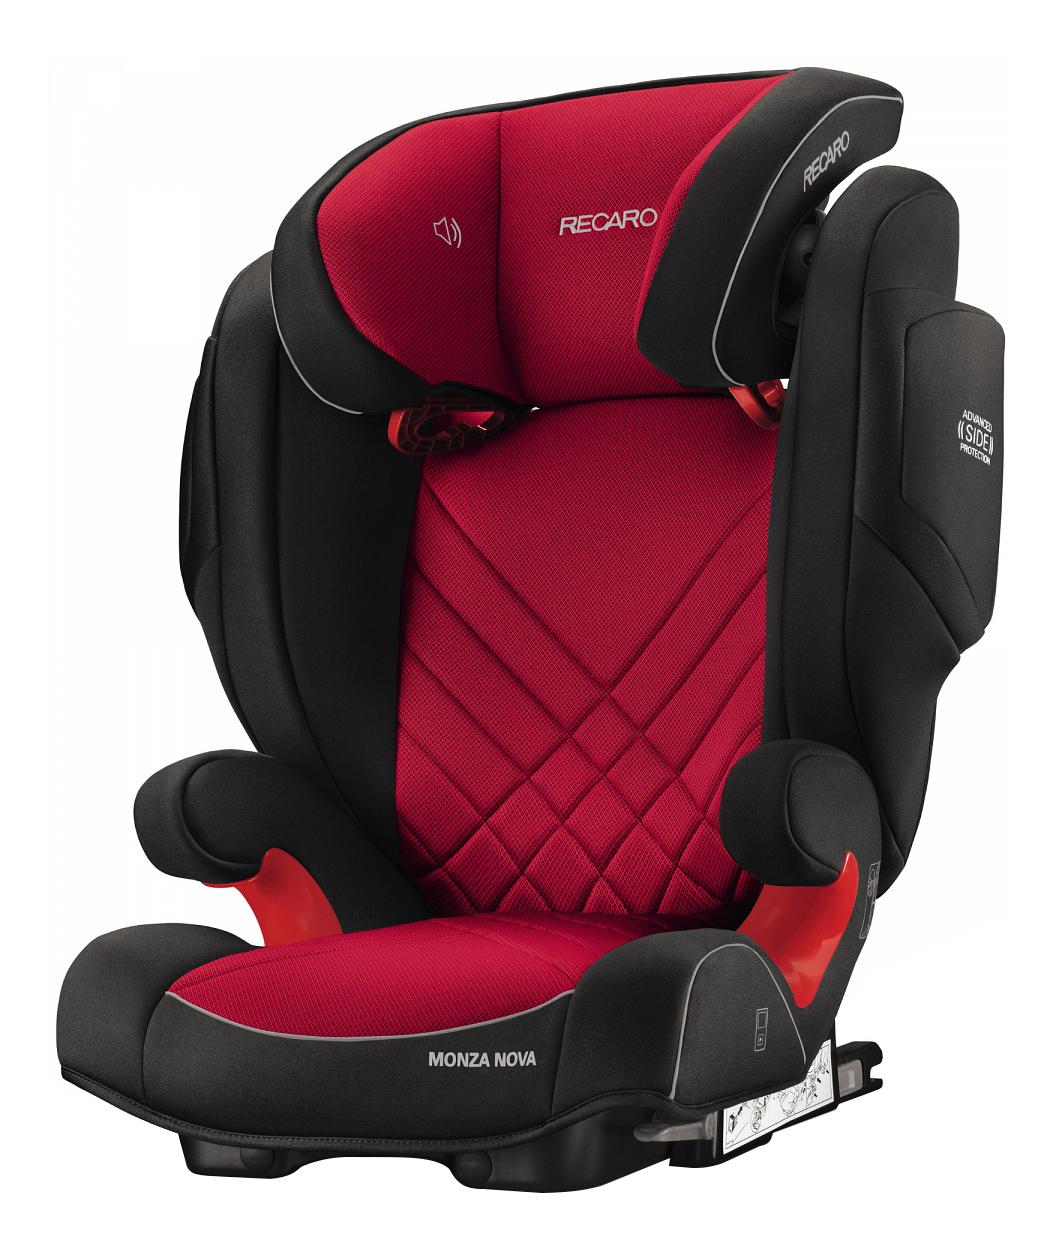 Купить Автокресло RECARO Monza Nova 2 Seatfix Racing группа 2/3, Красный-Черный, Детские автокресла